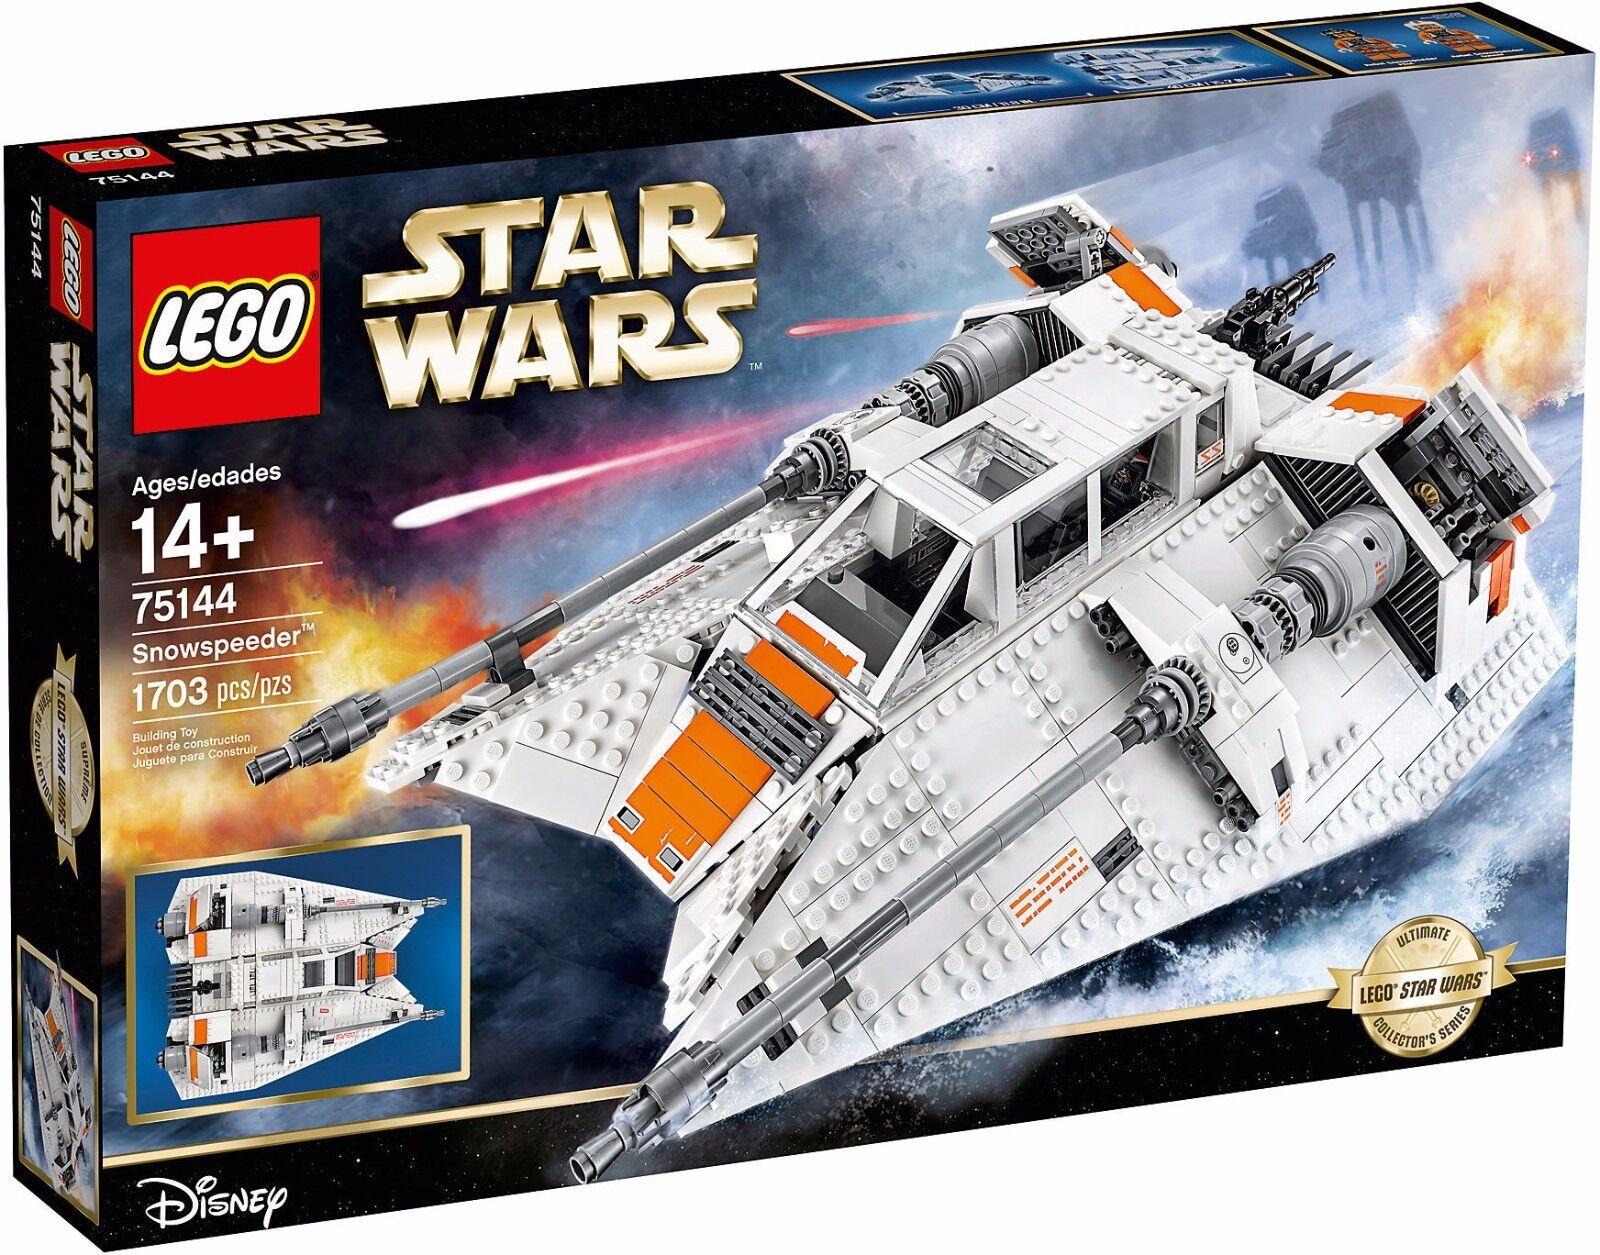 LEGO STAR WARS UCS SAMMLER 75144 SNOWSPEEDER NEU